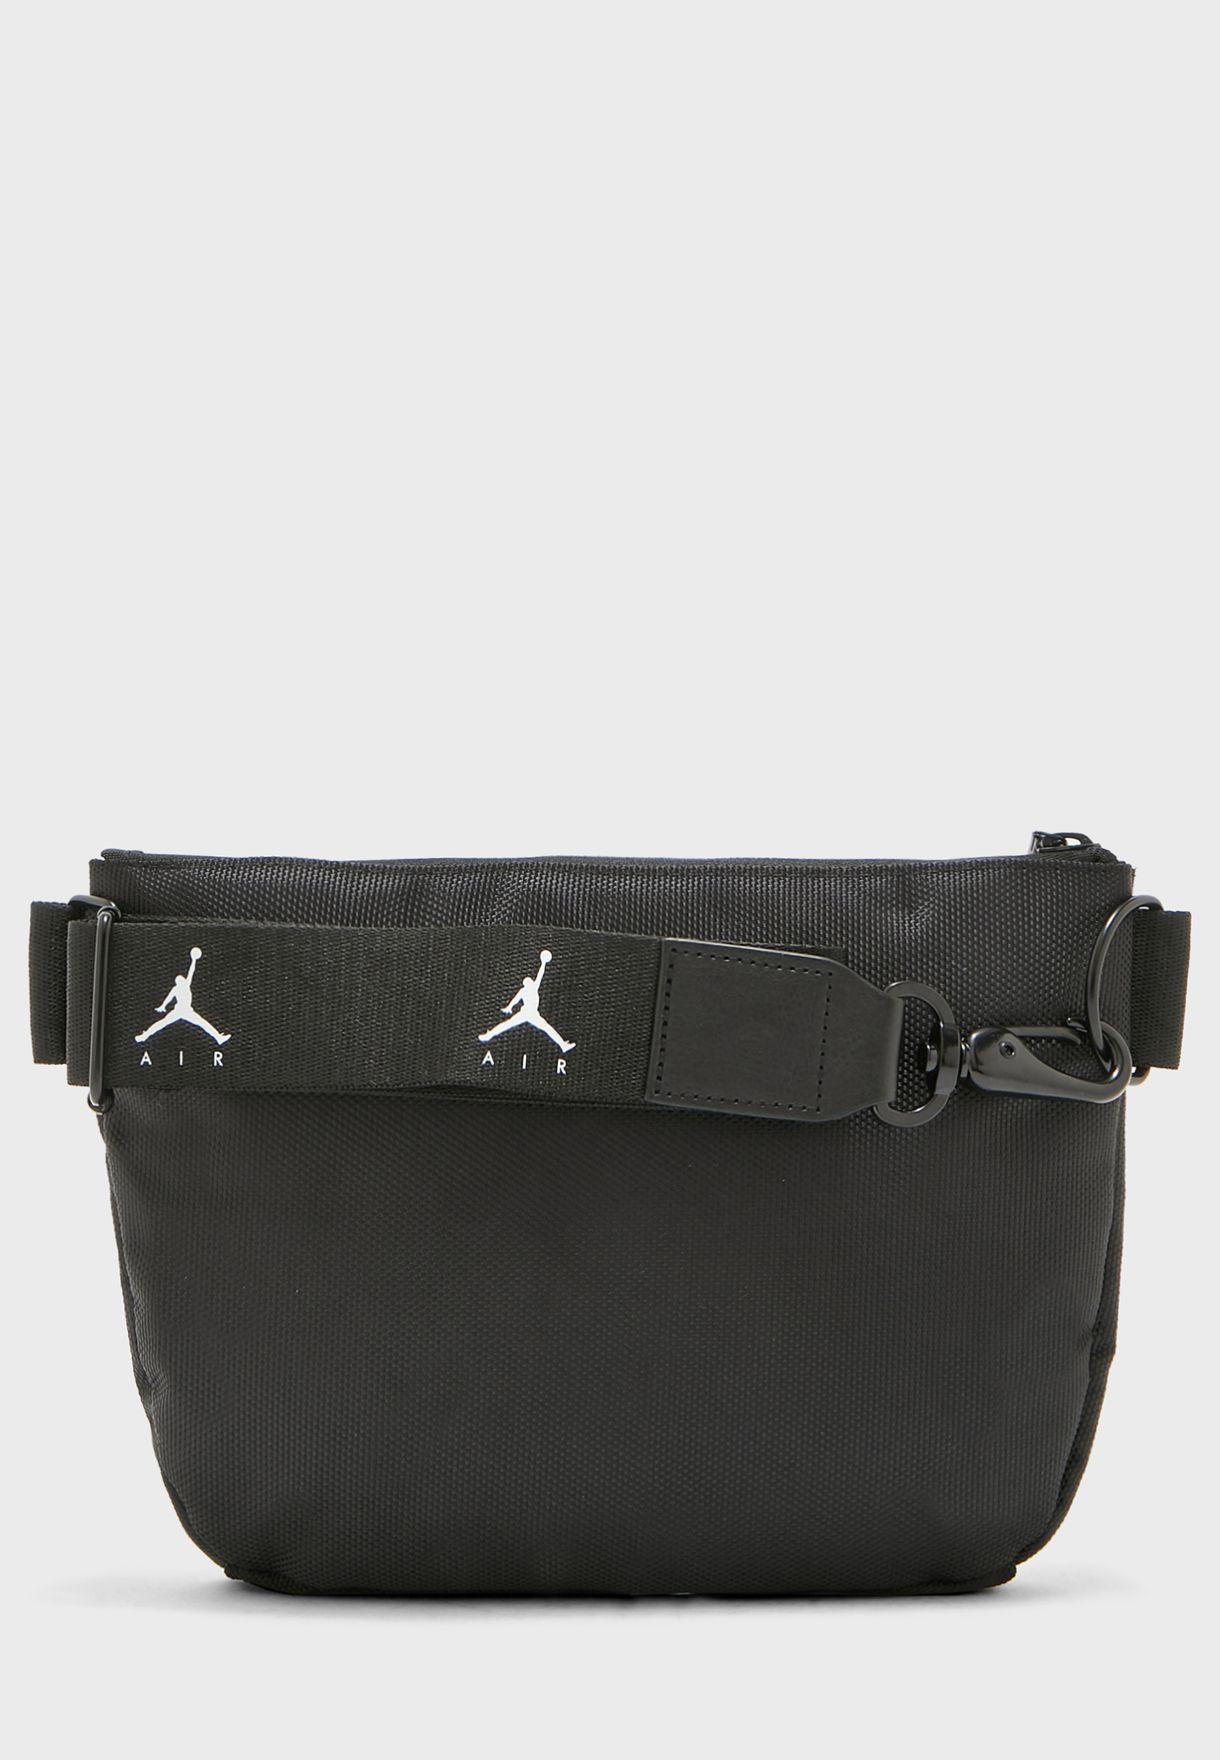 el mejor estilo clásico de 2019 zapatos deportivos Shop Nike black Jordan Air Belted Bag 9A0329-023 for Men in ...